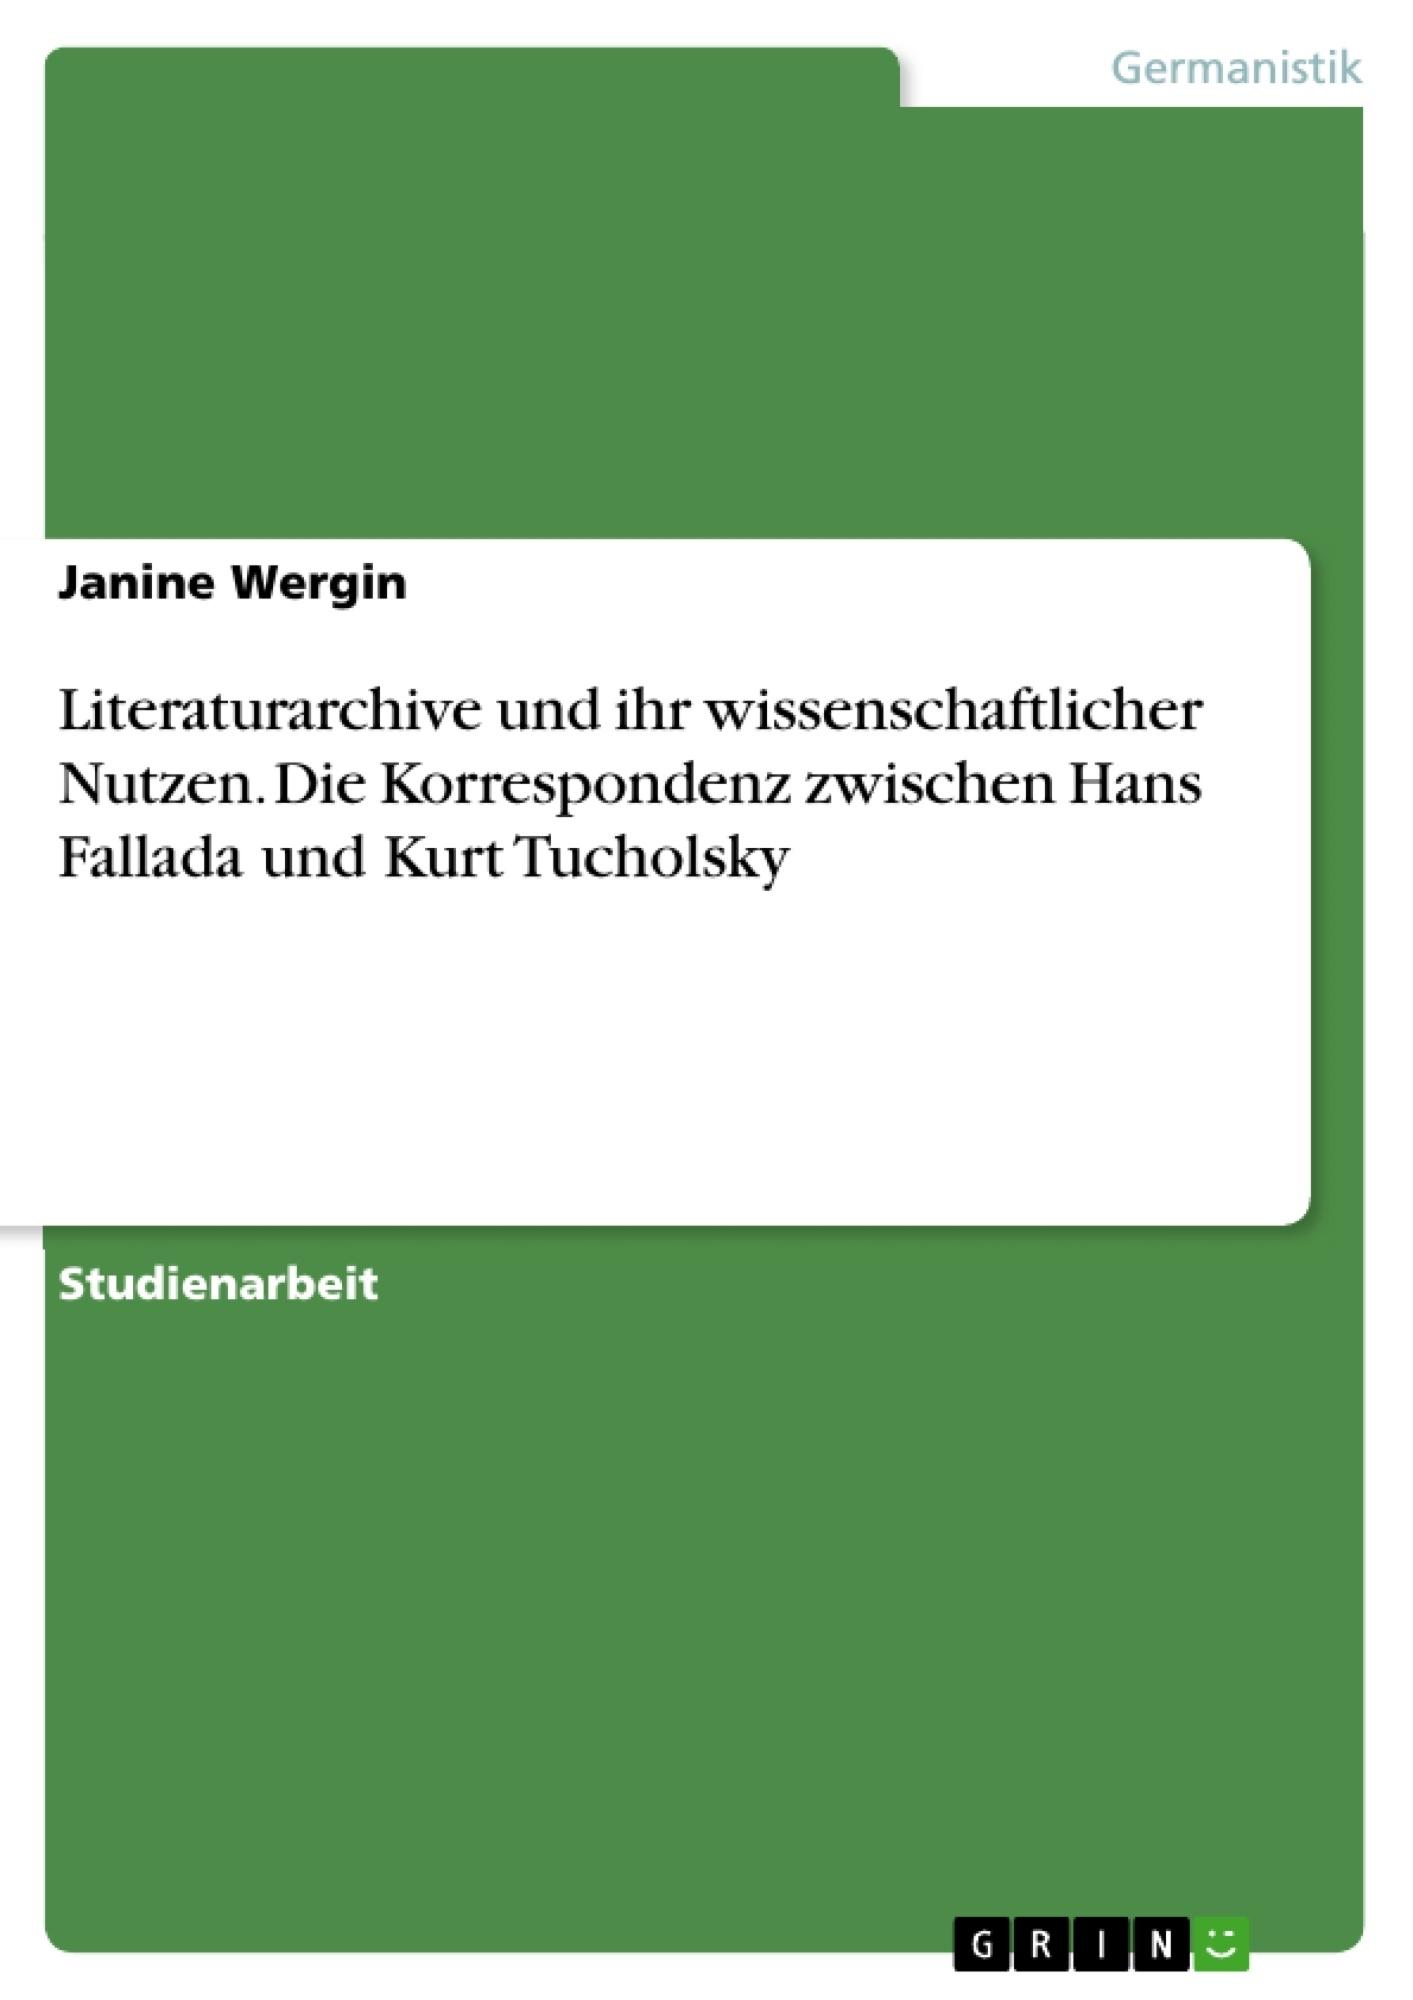 Titel: Literaturarchive und ihr wissenschaftlicher Nutzen. Die Korrespondenz zwischen Hans Fallada und Kurt Tucholsky